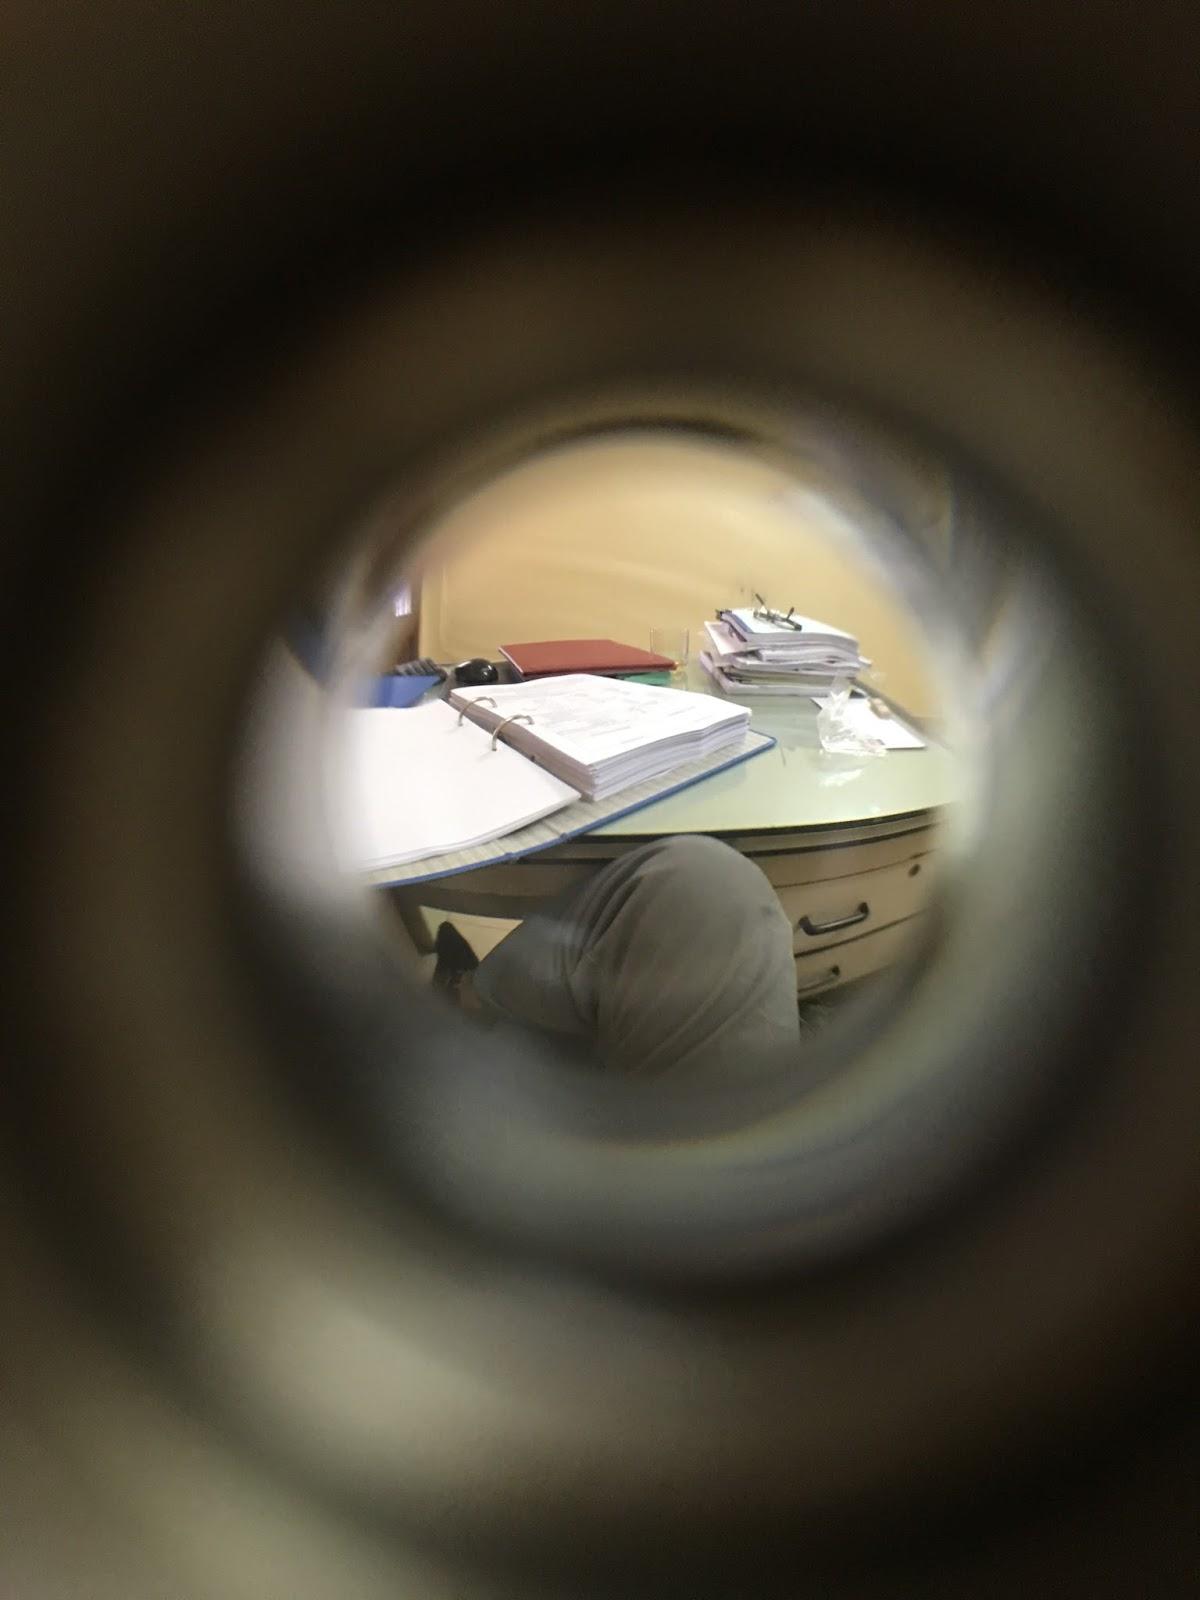 9635df6e78 hình ảnh nhìn qua ống nhìn cửa